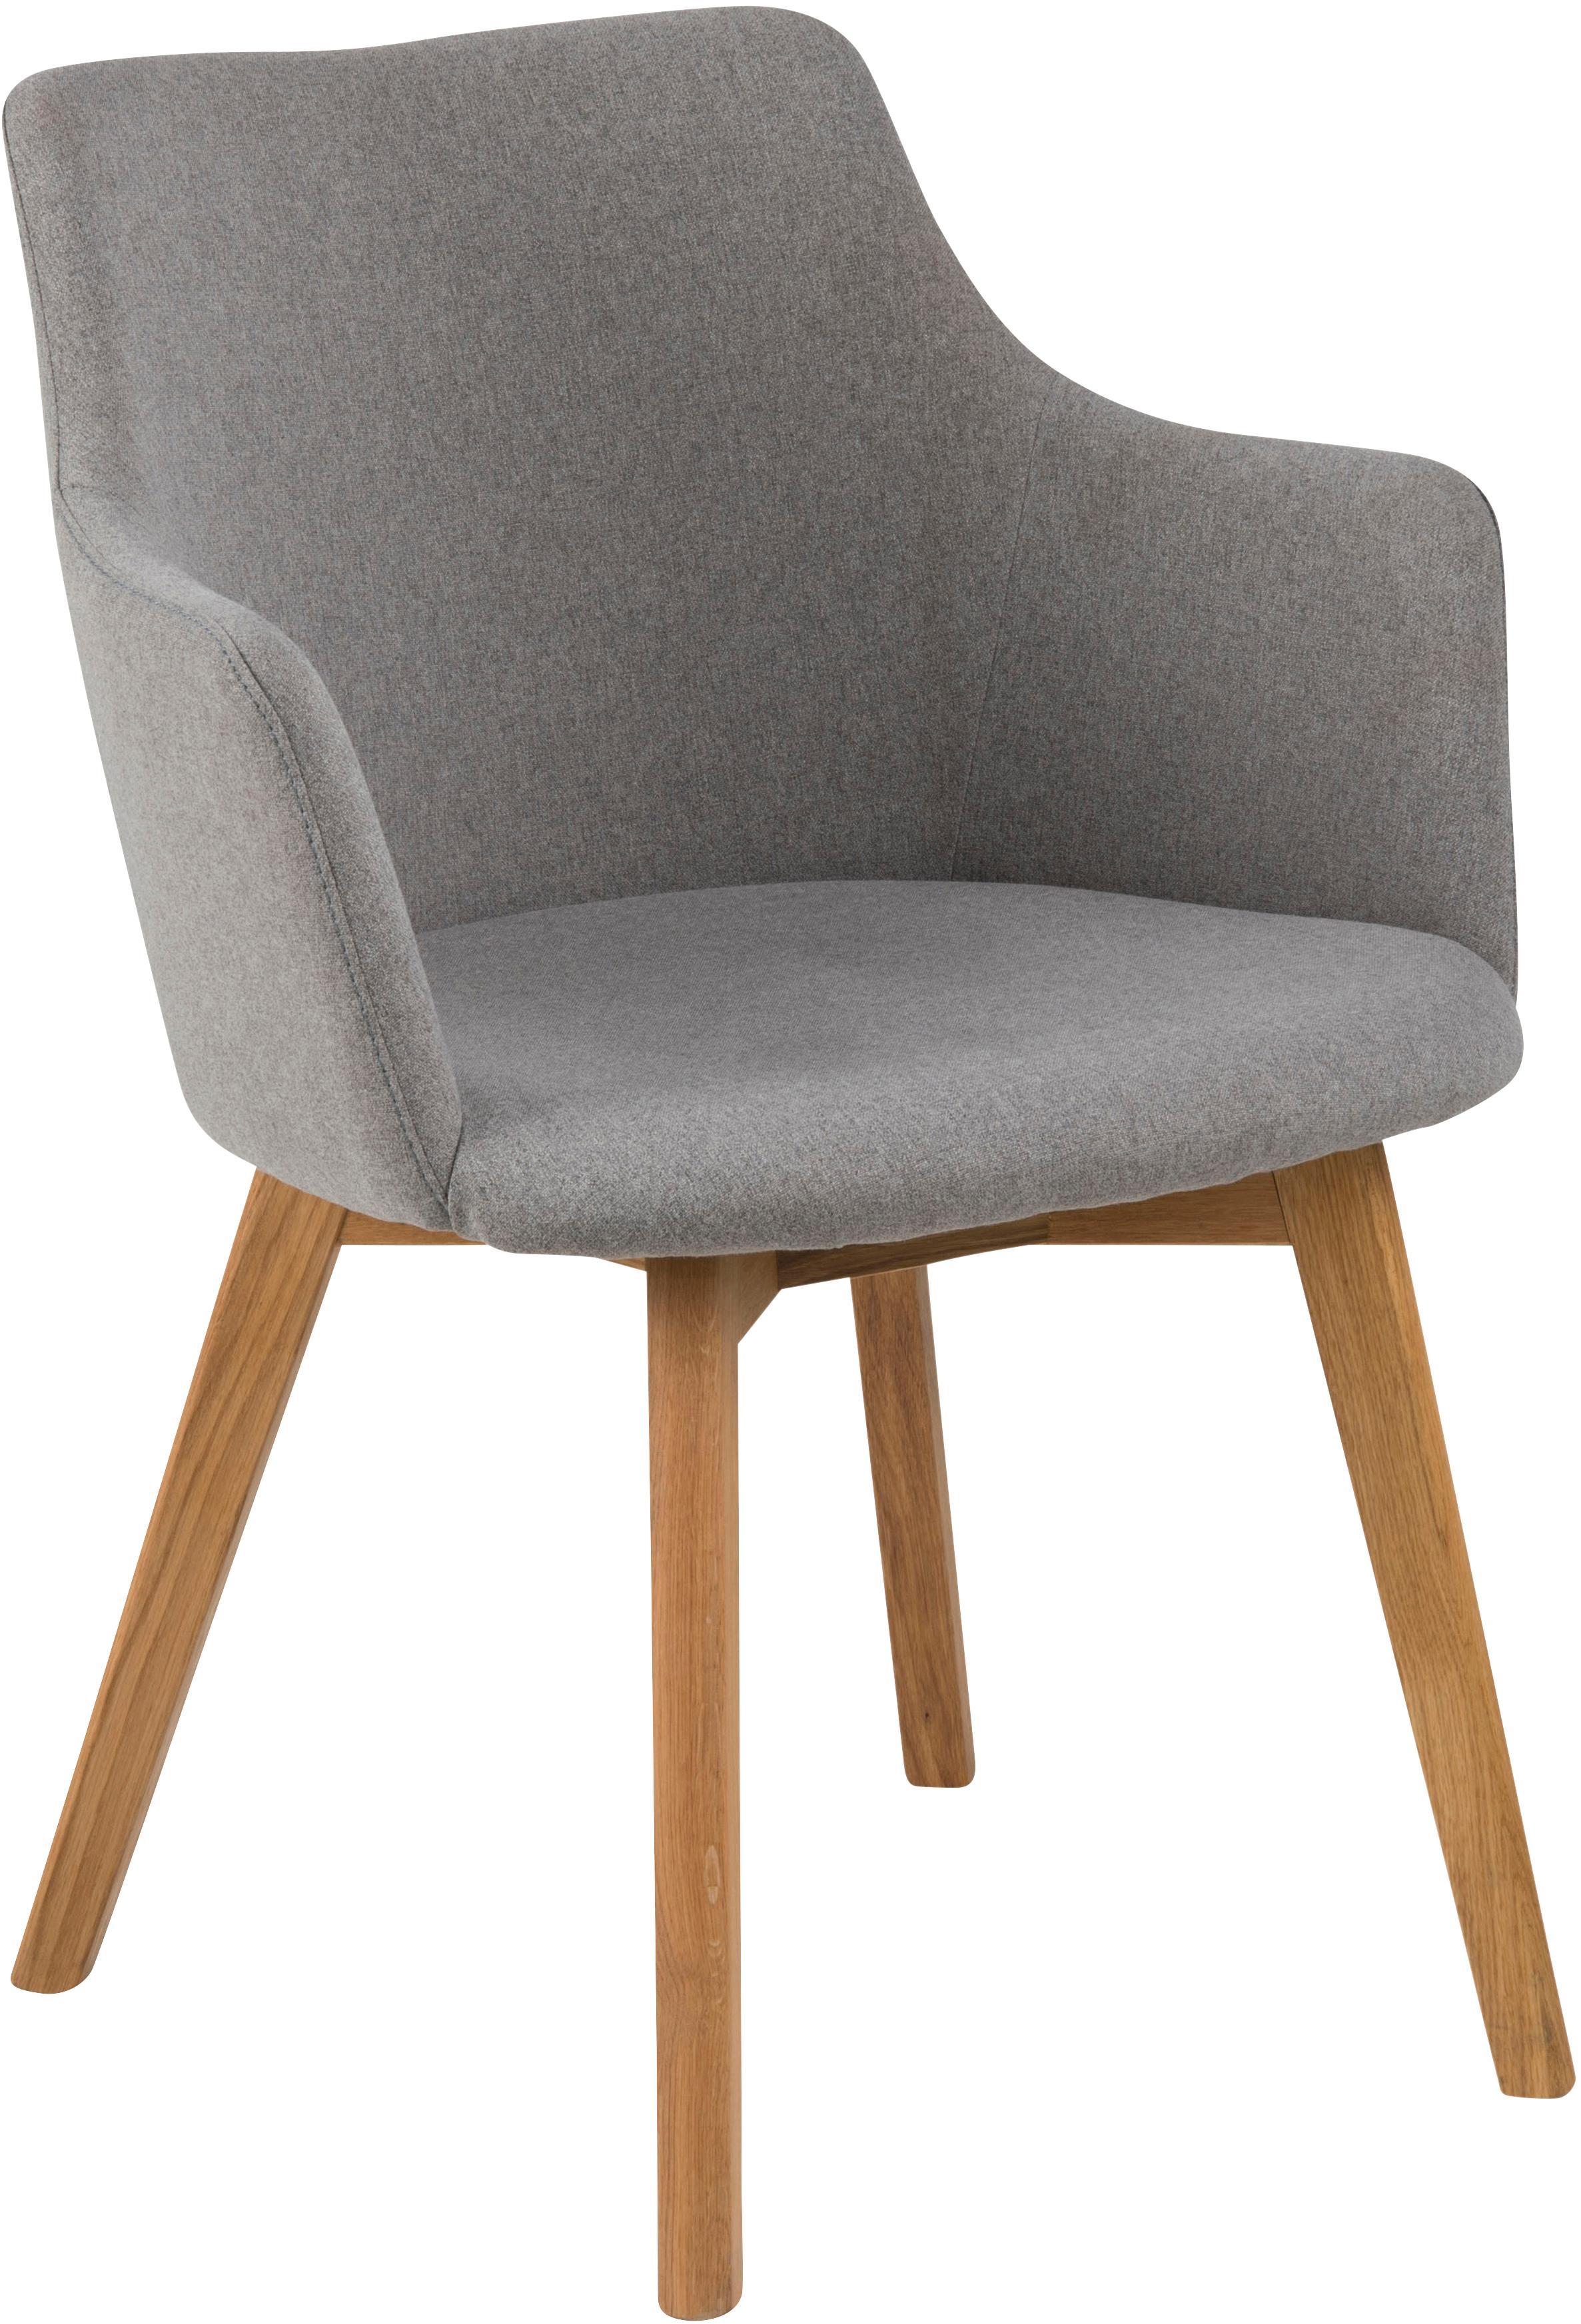 Armlehnstühle Granada im Skandi Design, 2 Stück, Bezug: Polyester 25.000 Scheuert, Beine: Eichenholz, geölt, Webstoff Hellgrau, B 62 x T 59 cm